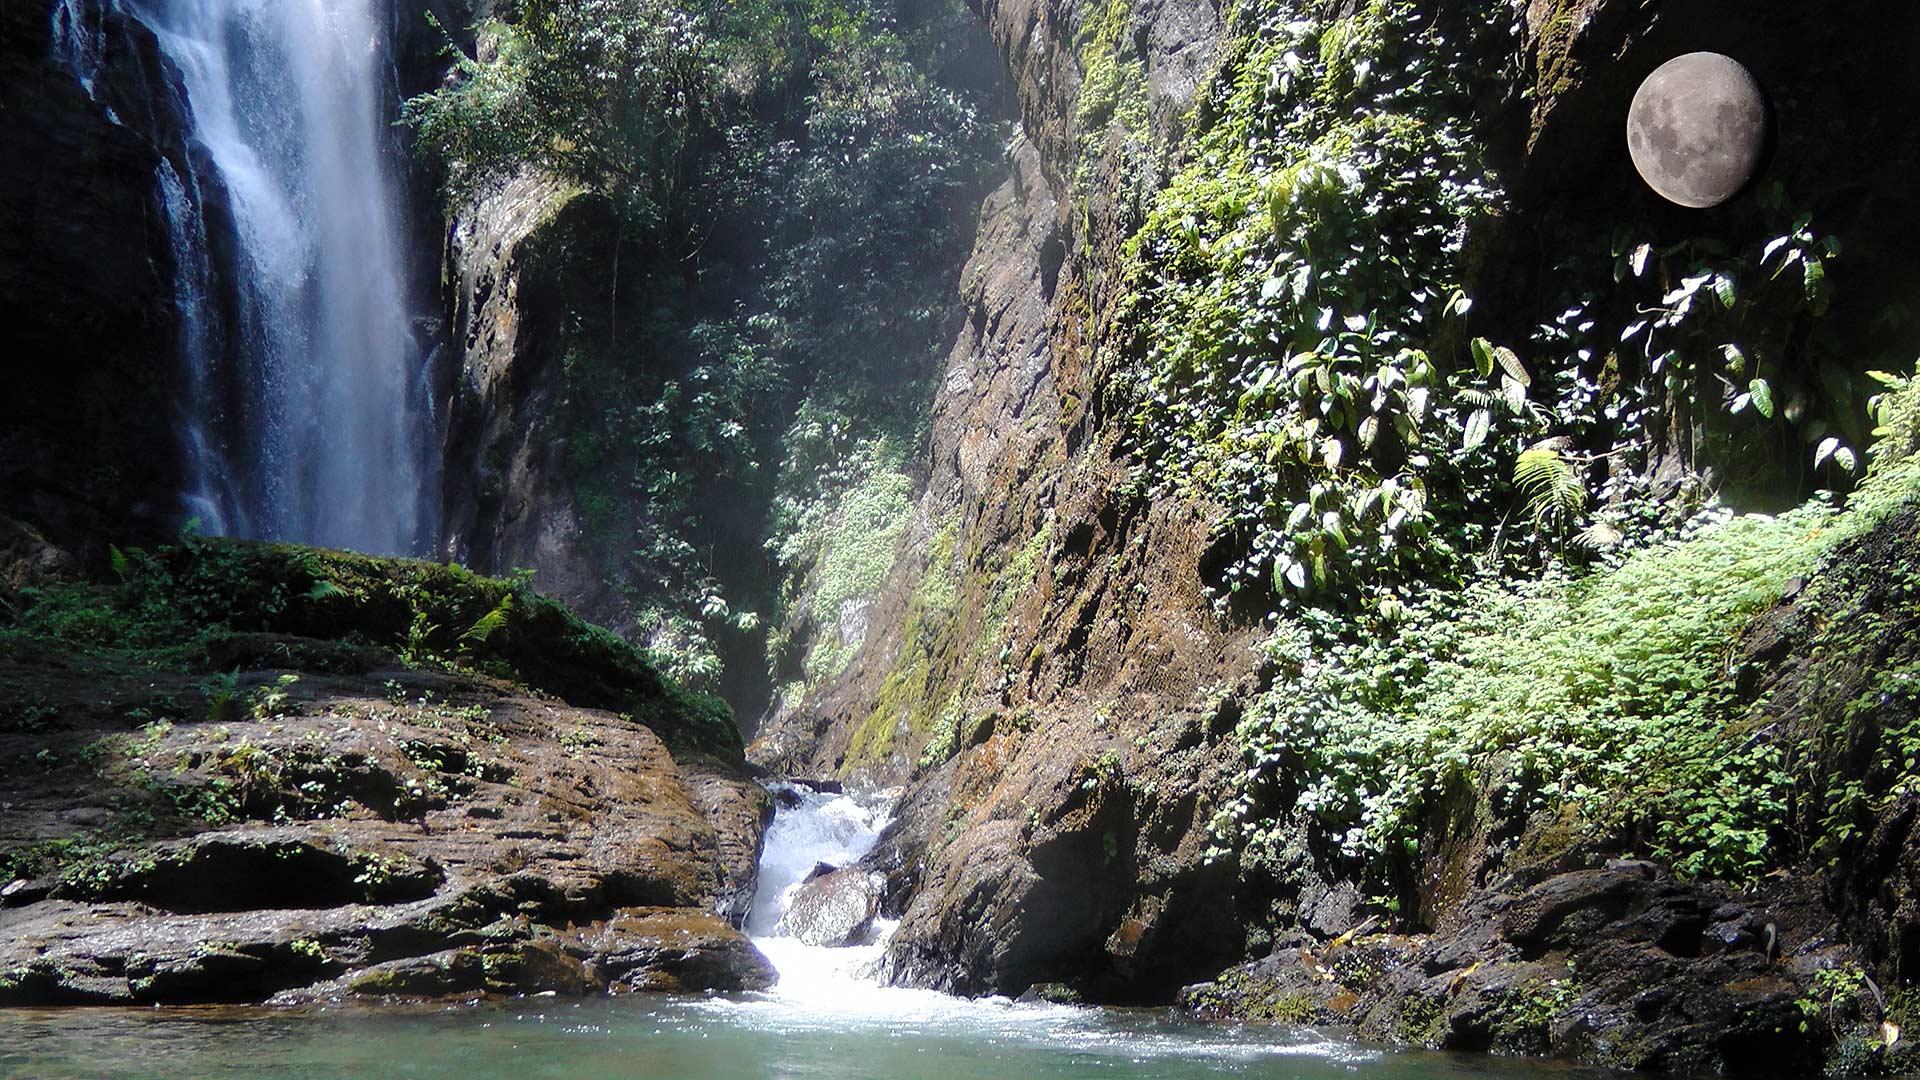 Meu Deus Waterfalls – Eldorado - Brazil